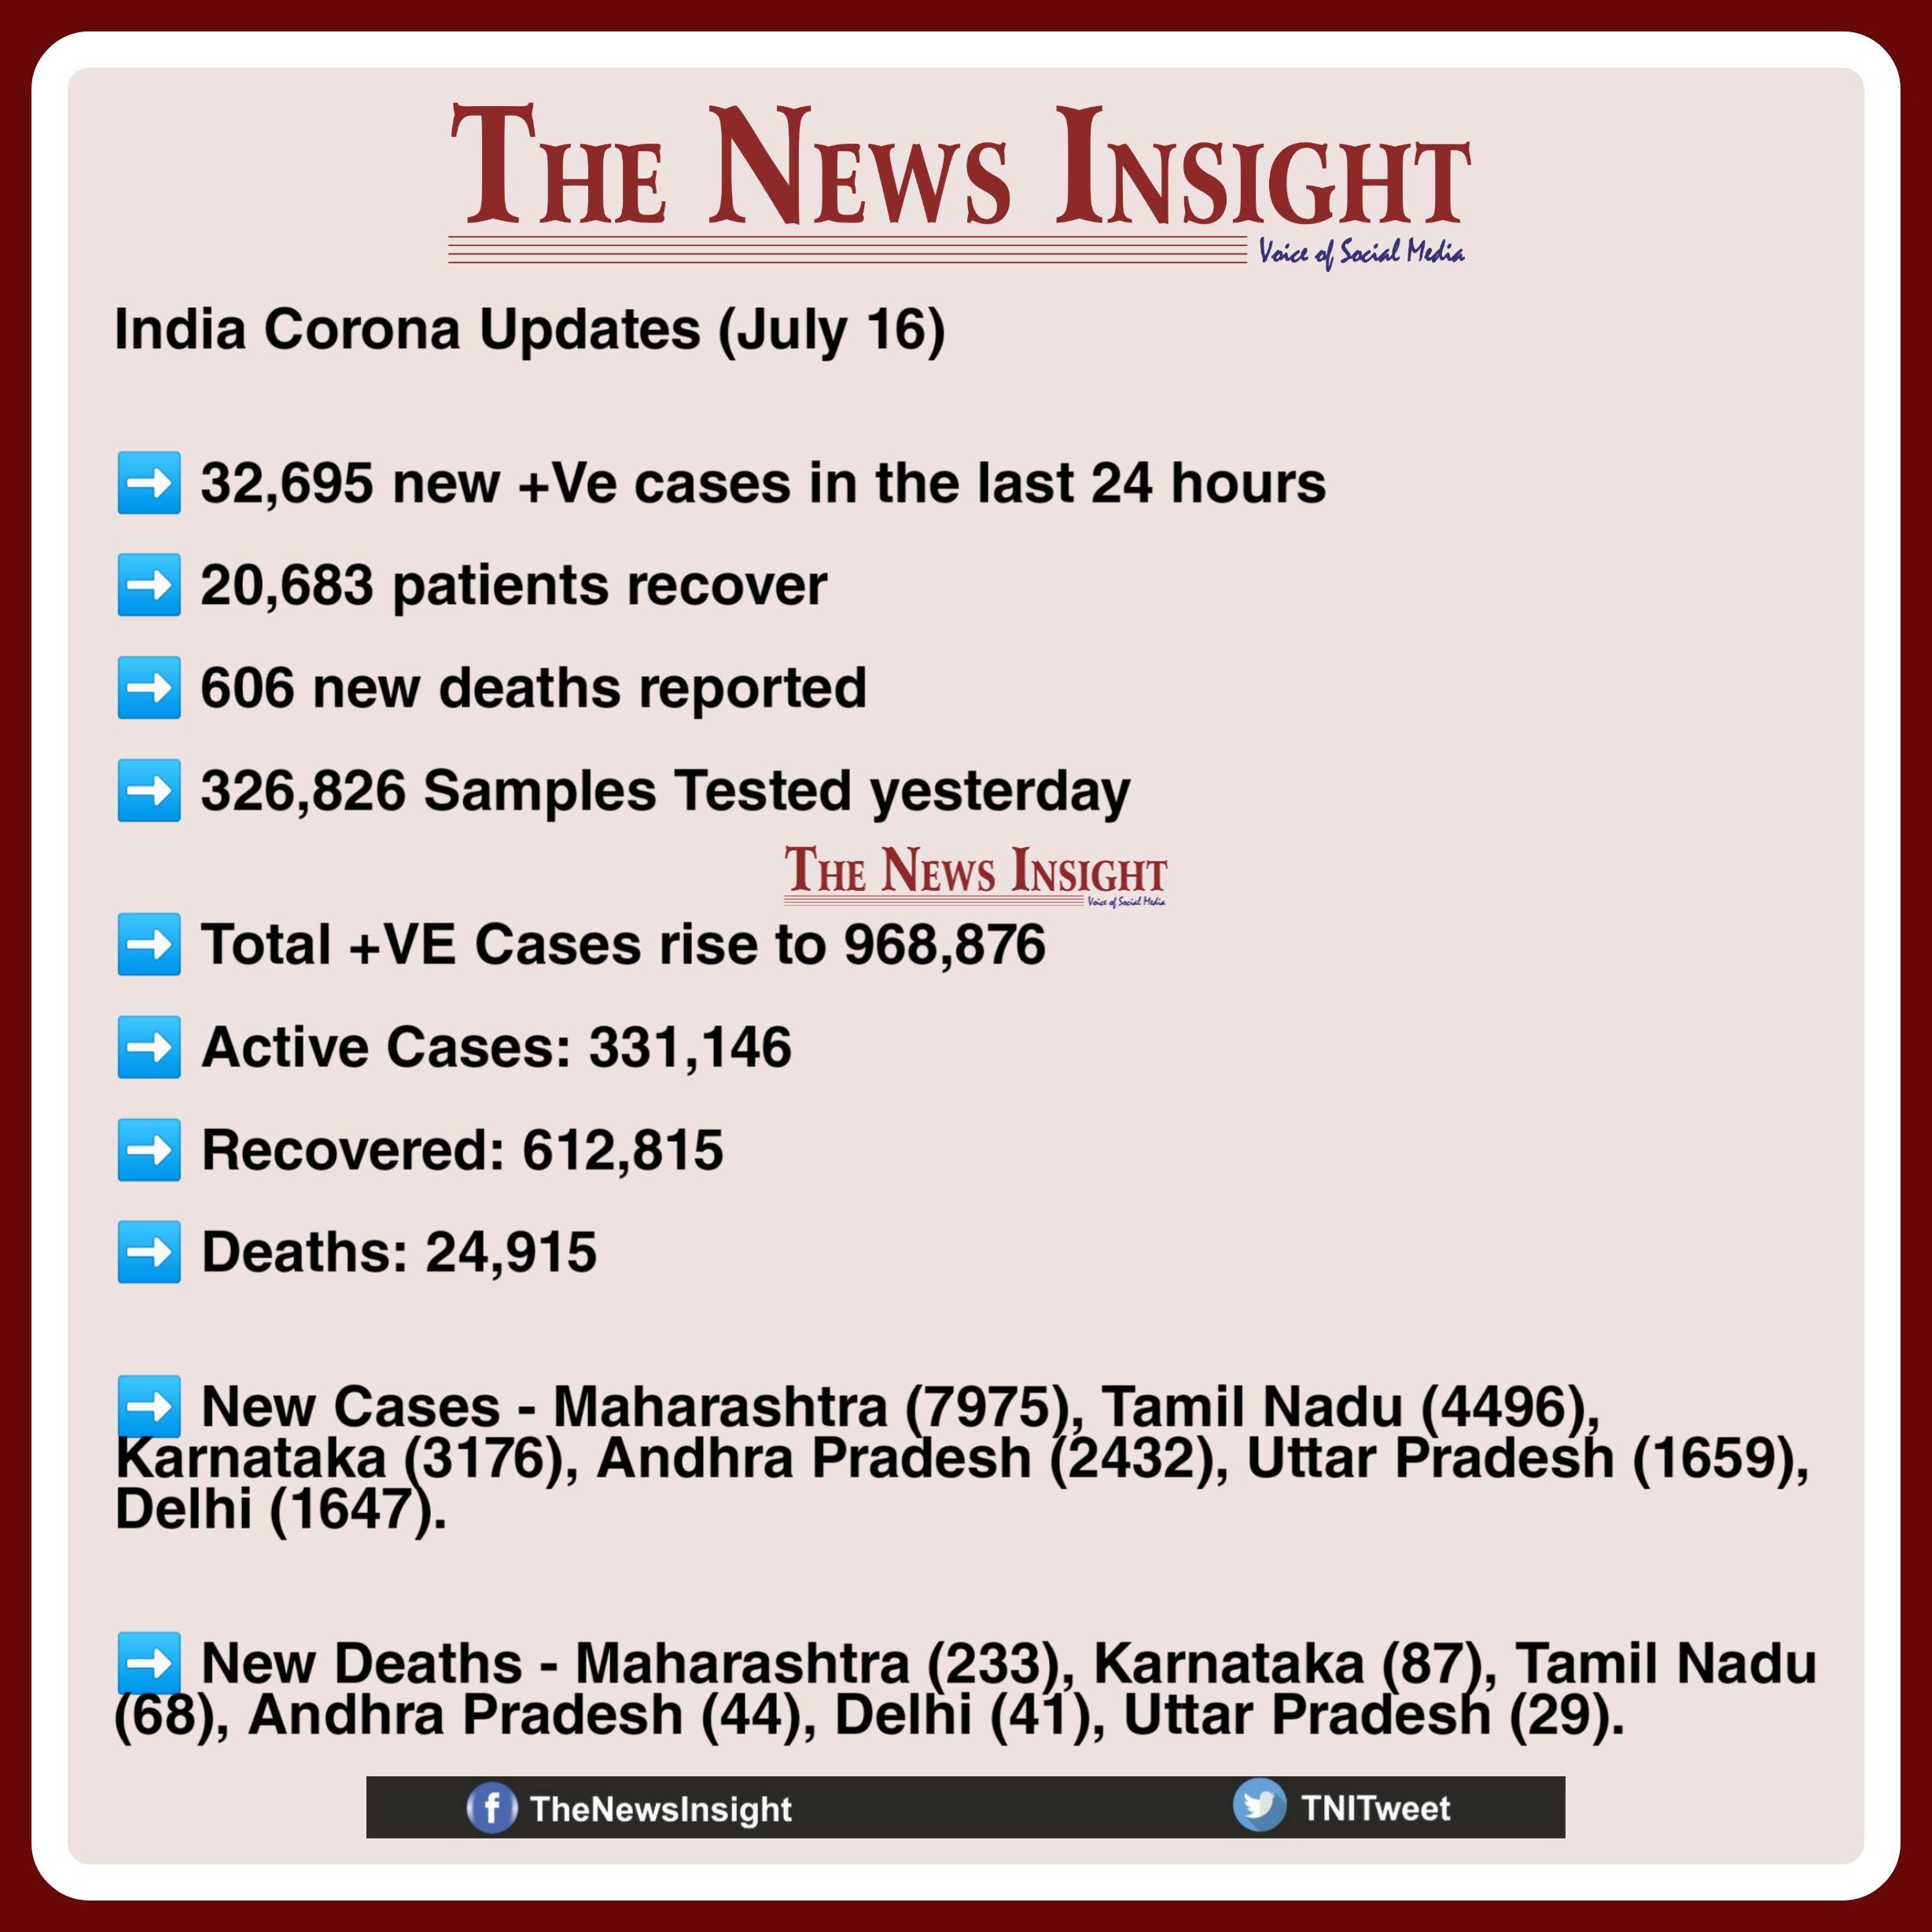 India Corona Updates July 16